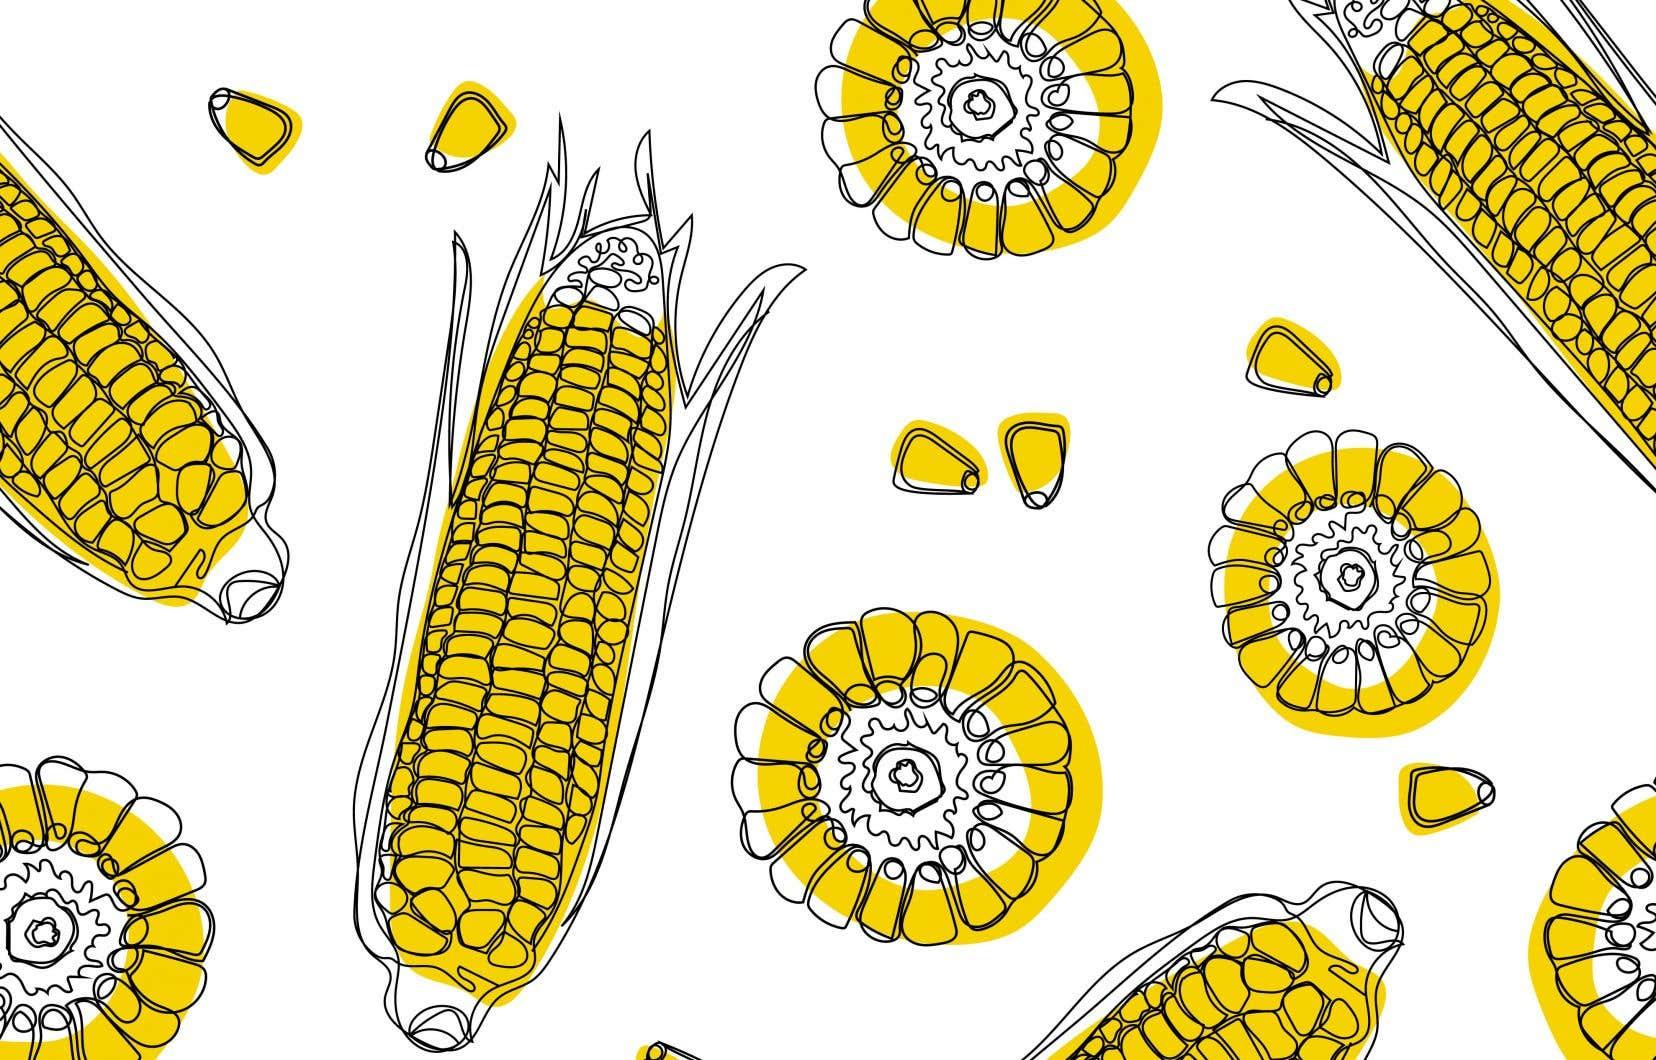 Le maïs, originaire d'Amérique centrale, est consommé en Amérique du Nord depuis plus de 3000 ans.